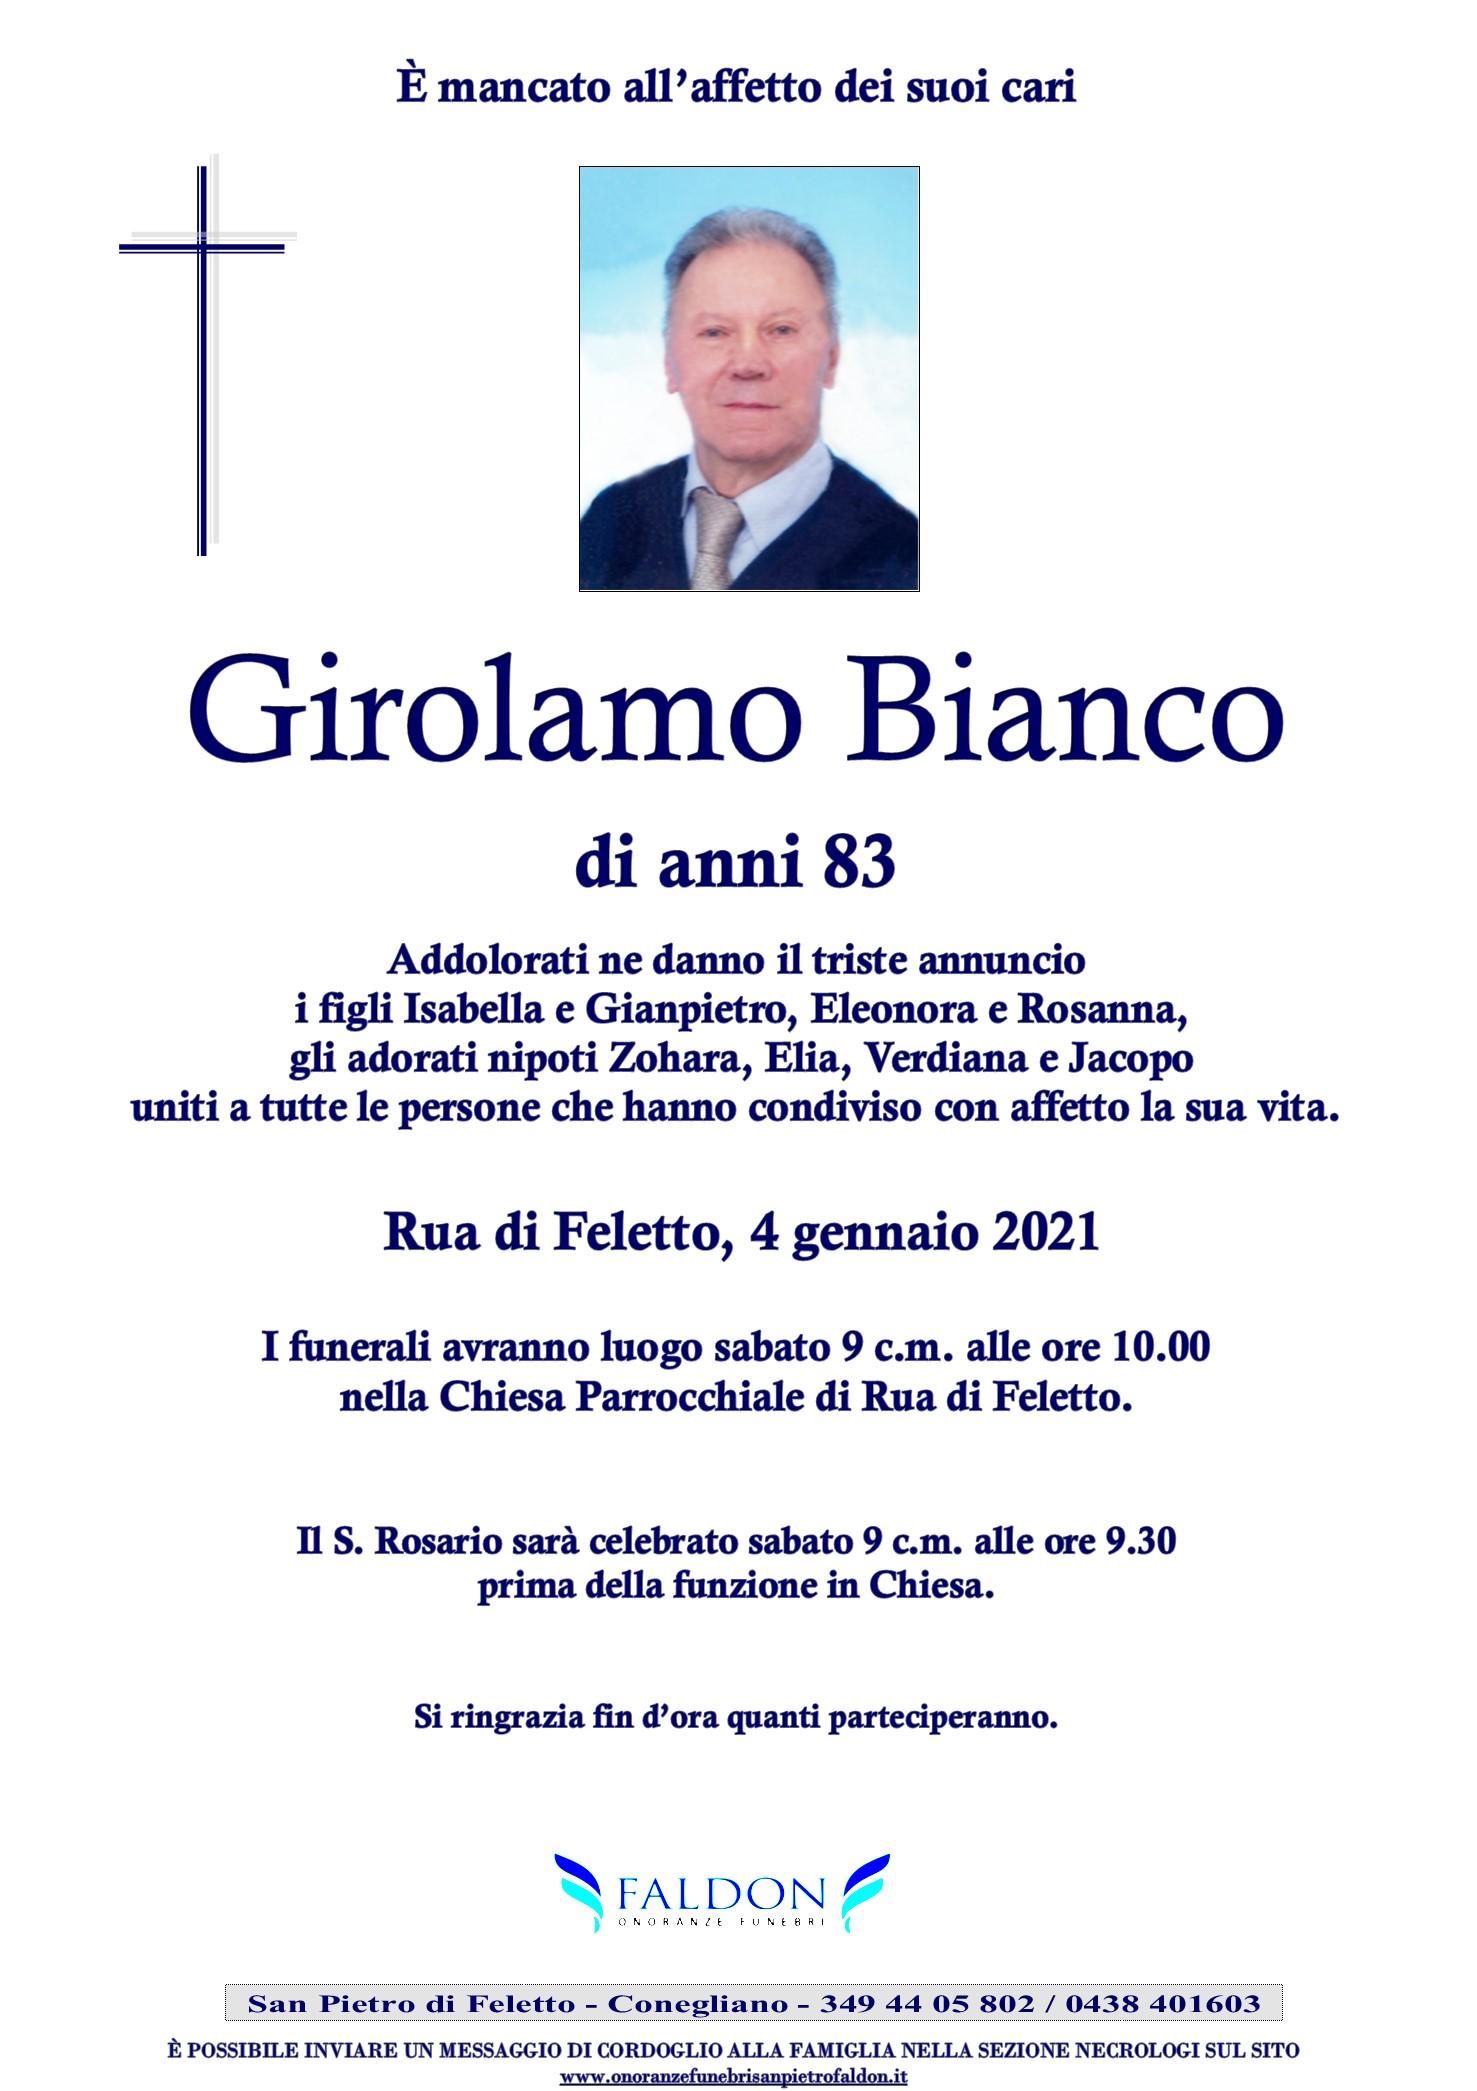 Girolamo Bianco